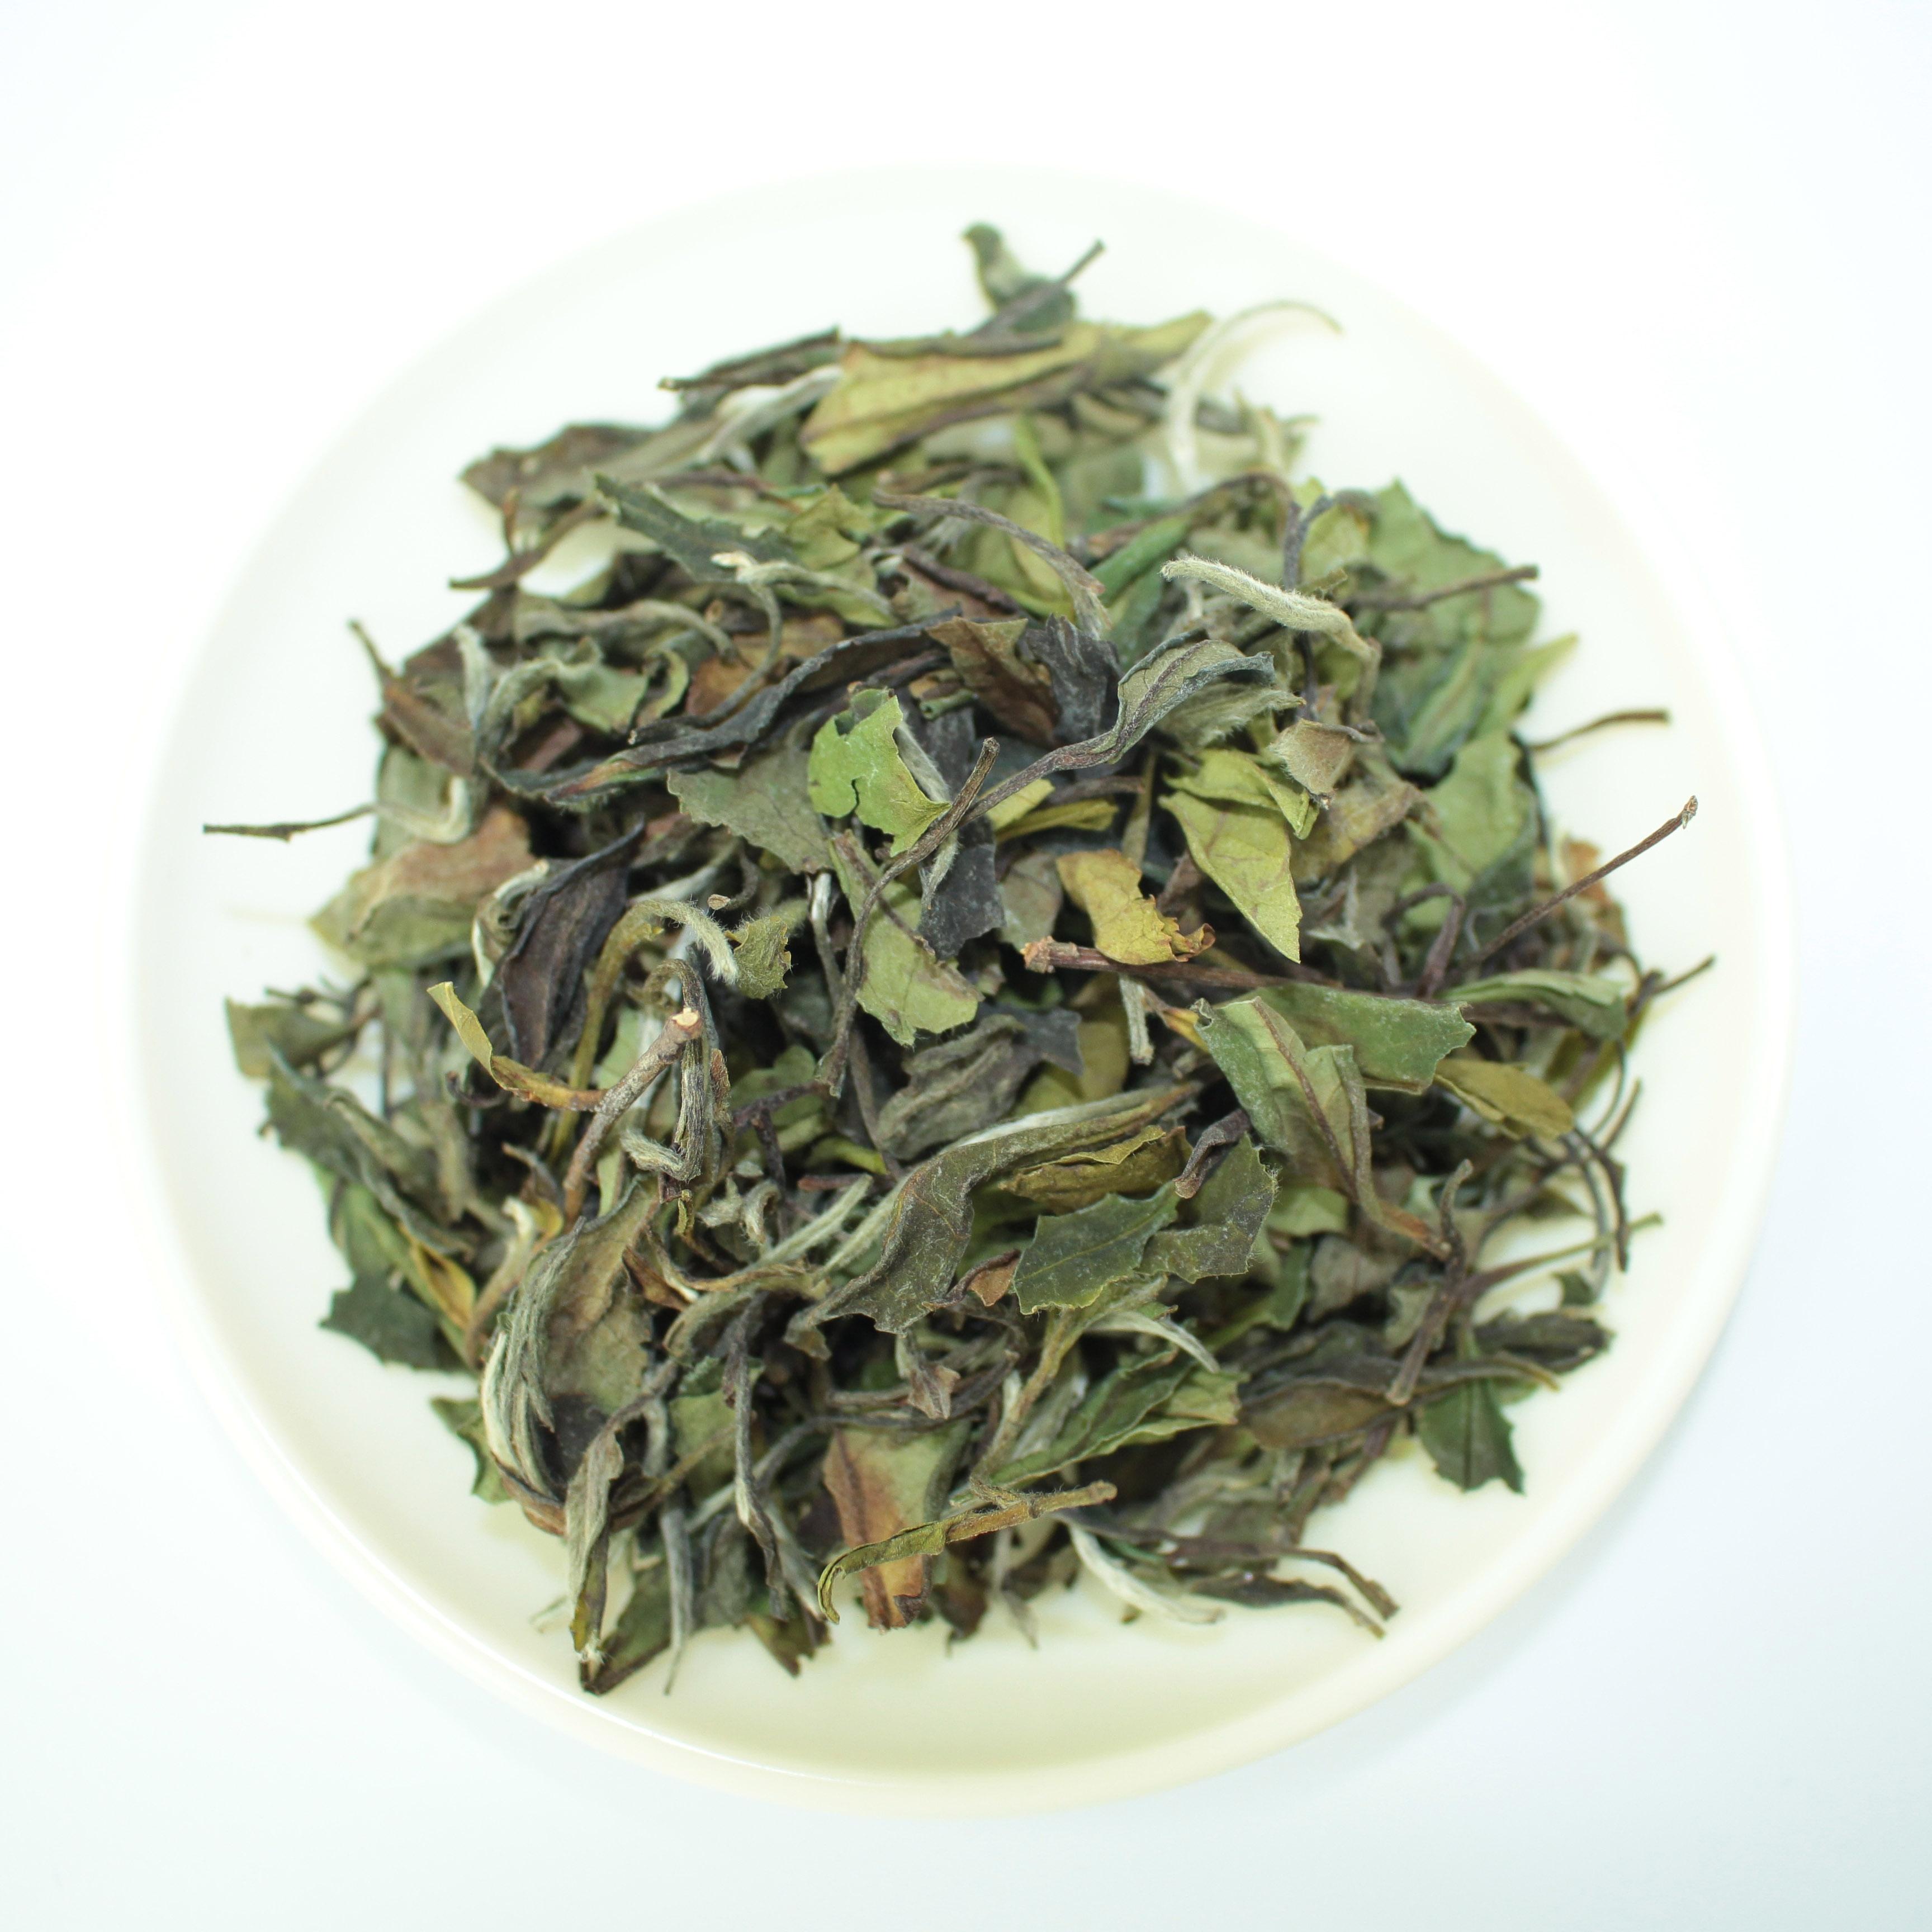 Chinese white tea Organic loose leaf white peony Bai Mu Dan - 4uTea   4uTea.com